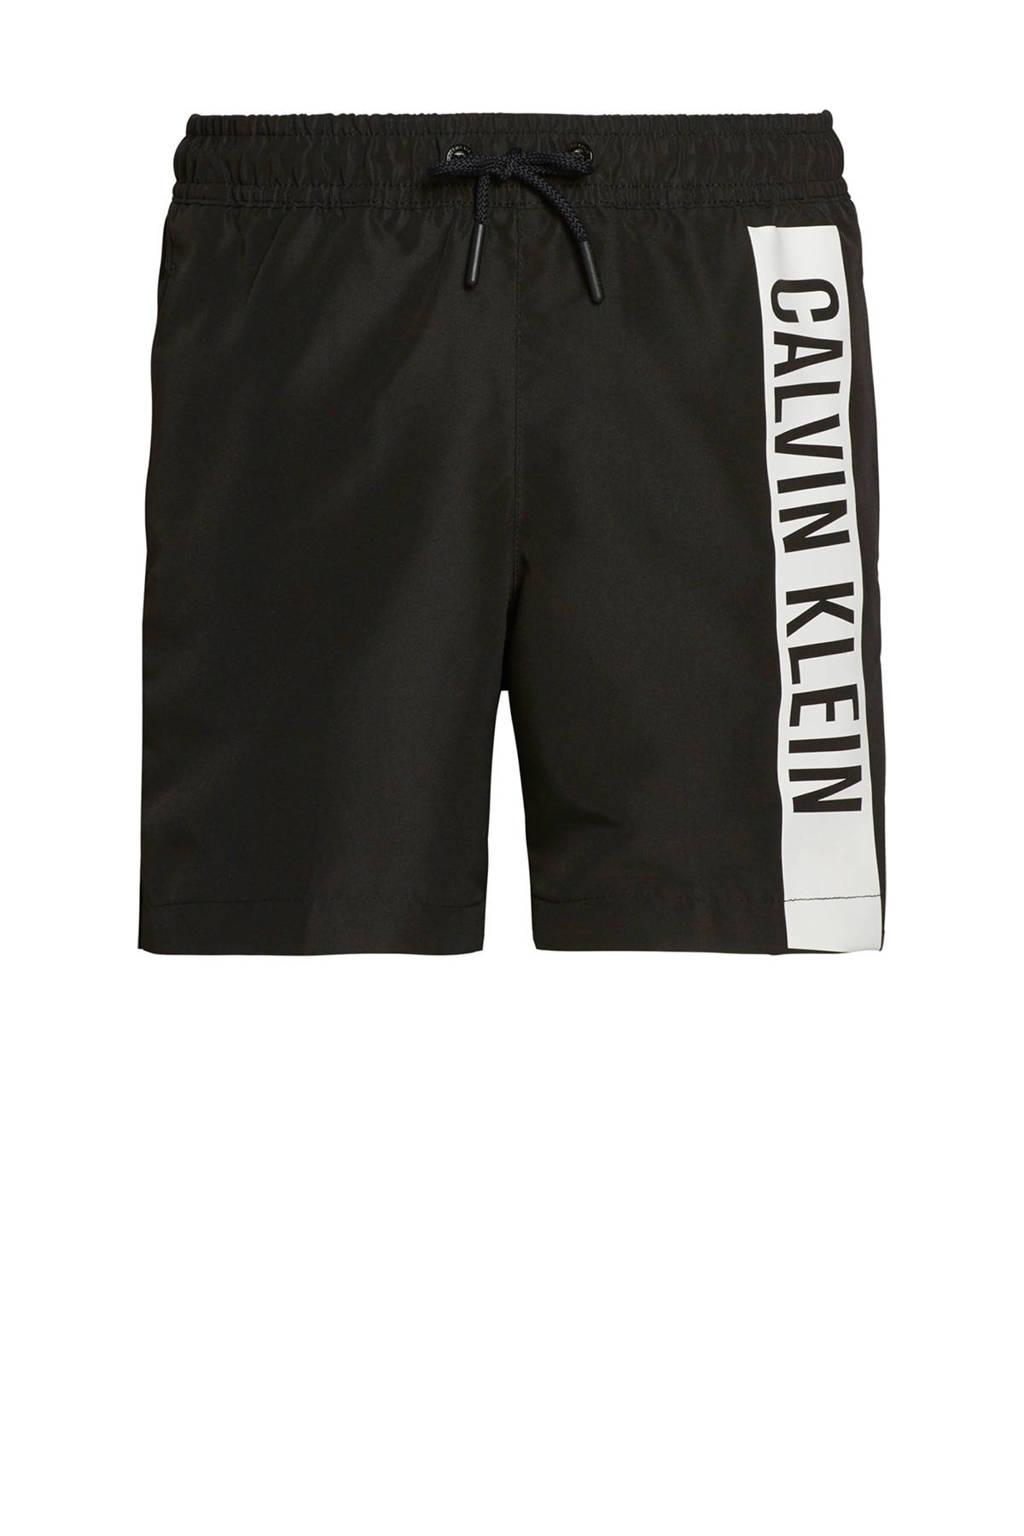 CALVIN KLEIN zwemshort zwart/wit, Zwart